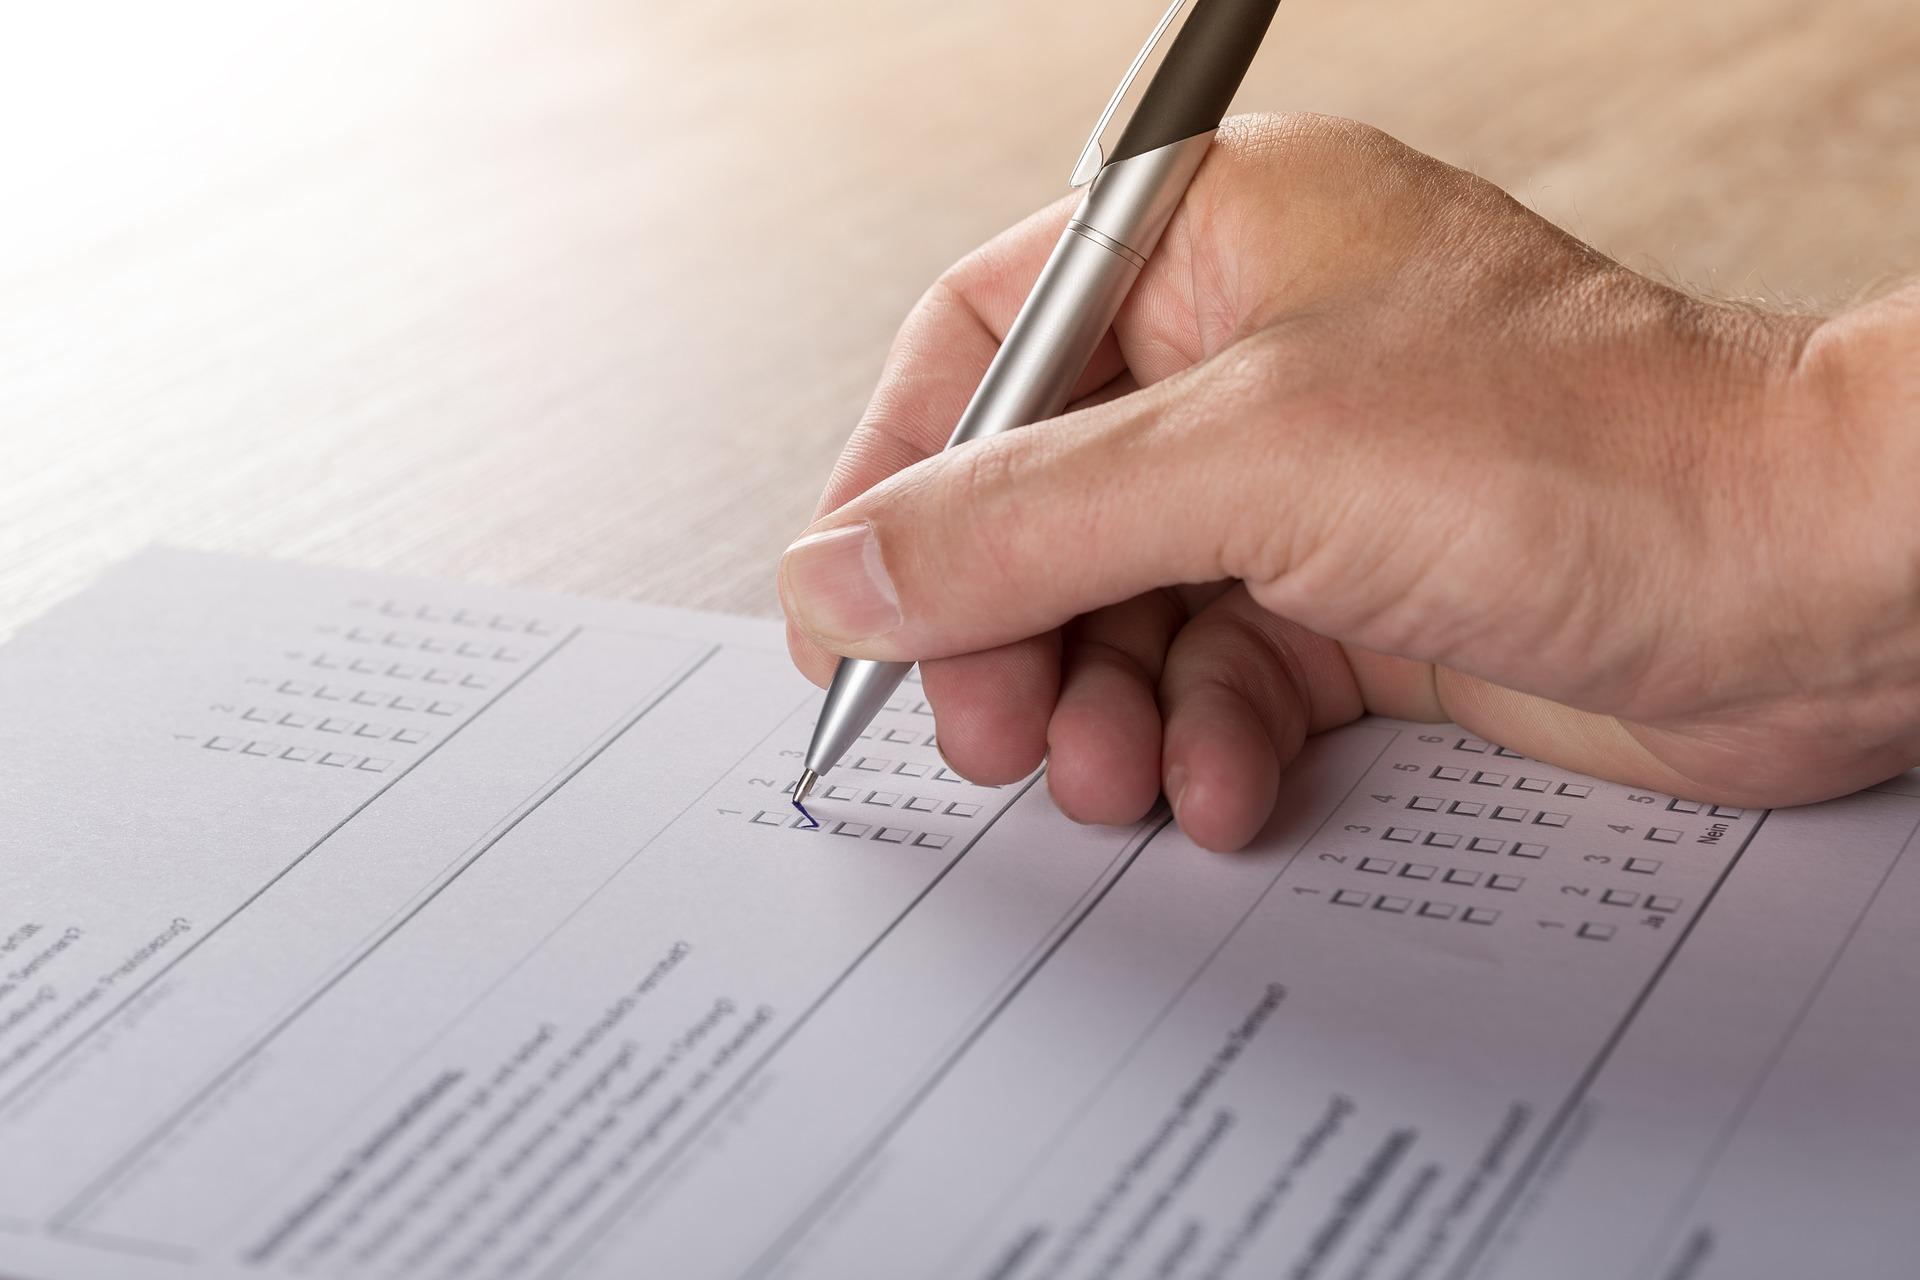 ВВологде требуют запретить участие педагогов визбирательных комиссиях